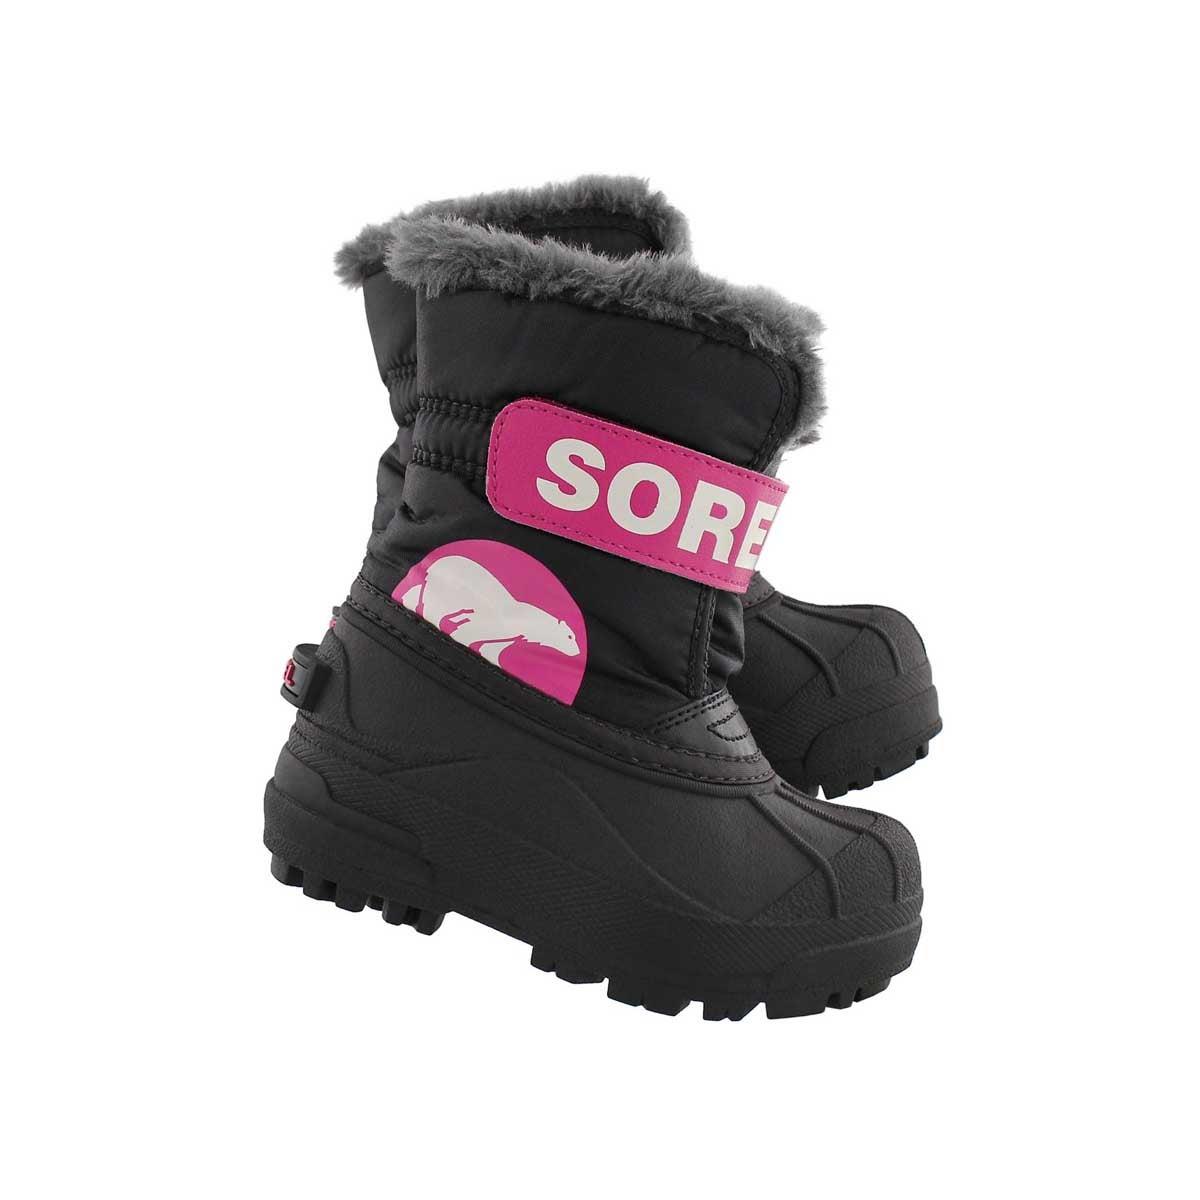 Inf Snow Commander blk/pnk boot